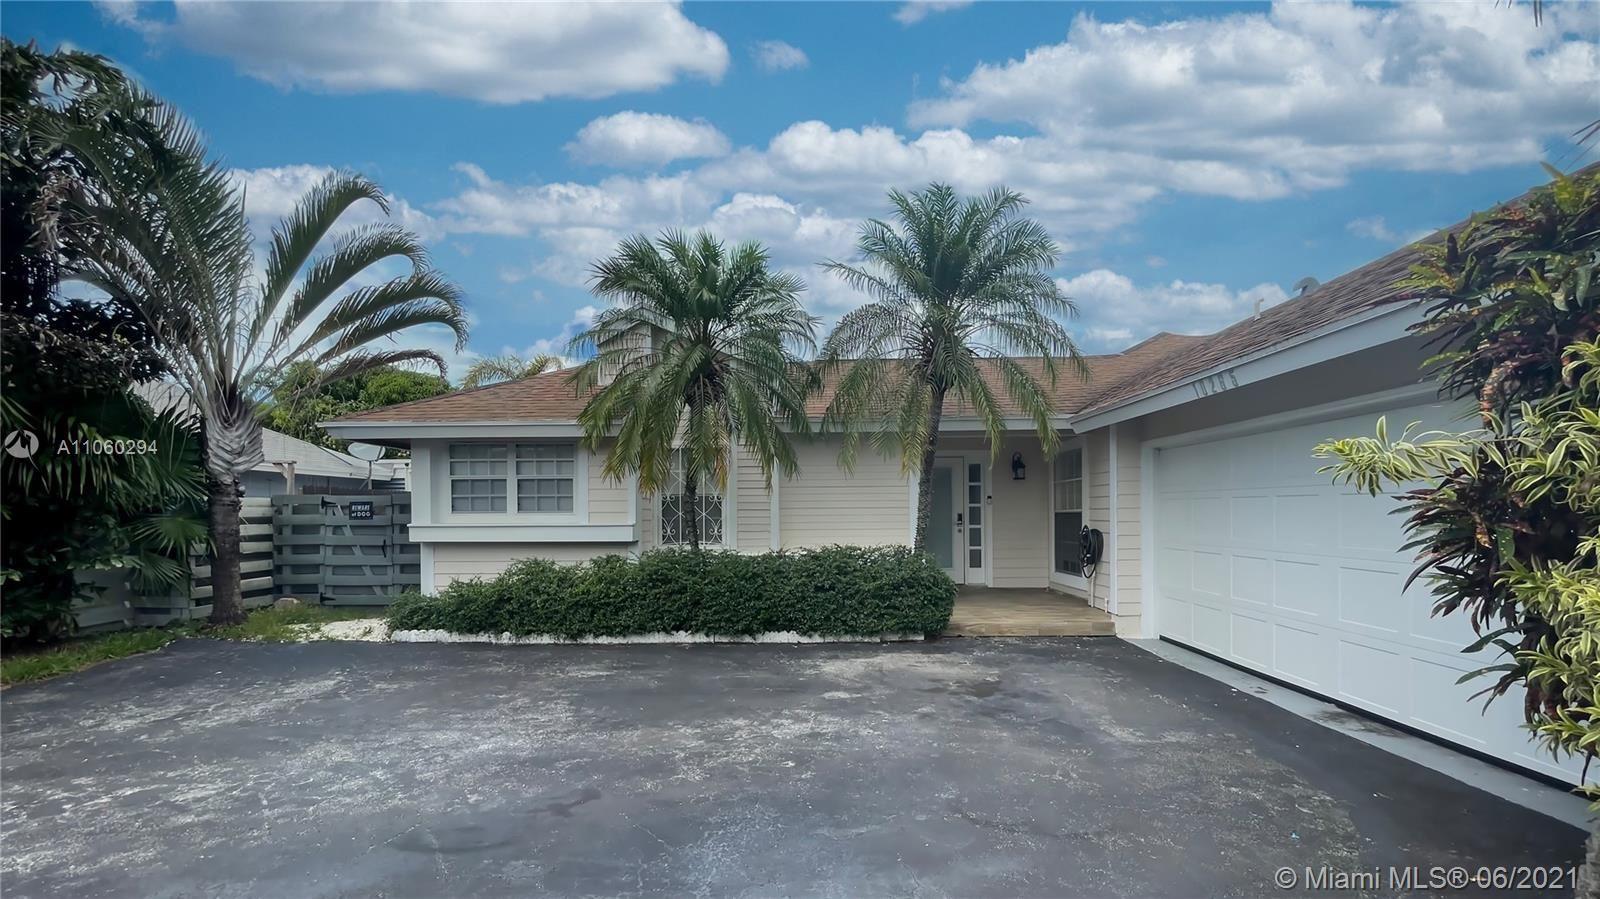 10265 SW 141st Ct, Miami, FL 33186 - #: A11060294